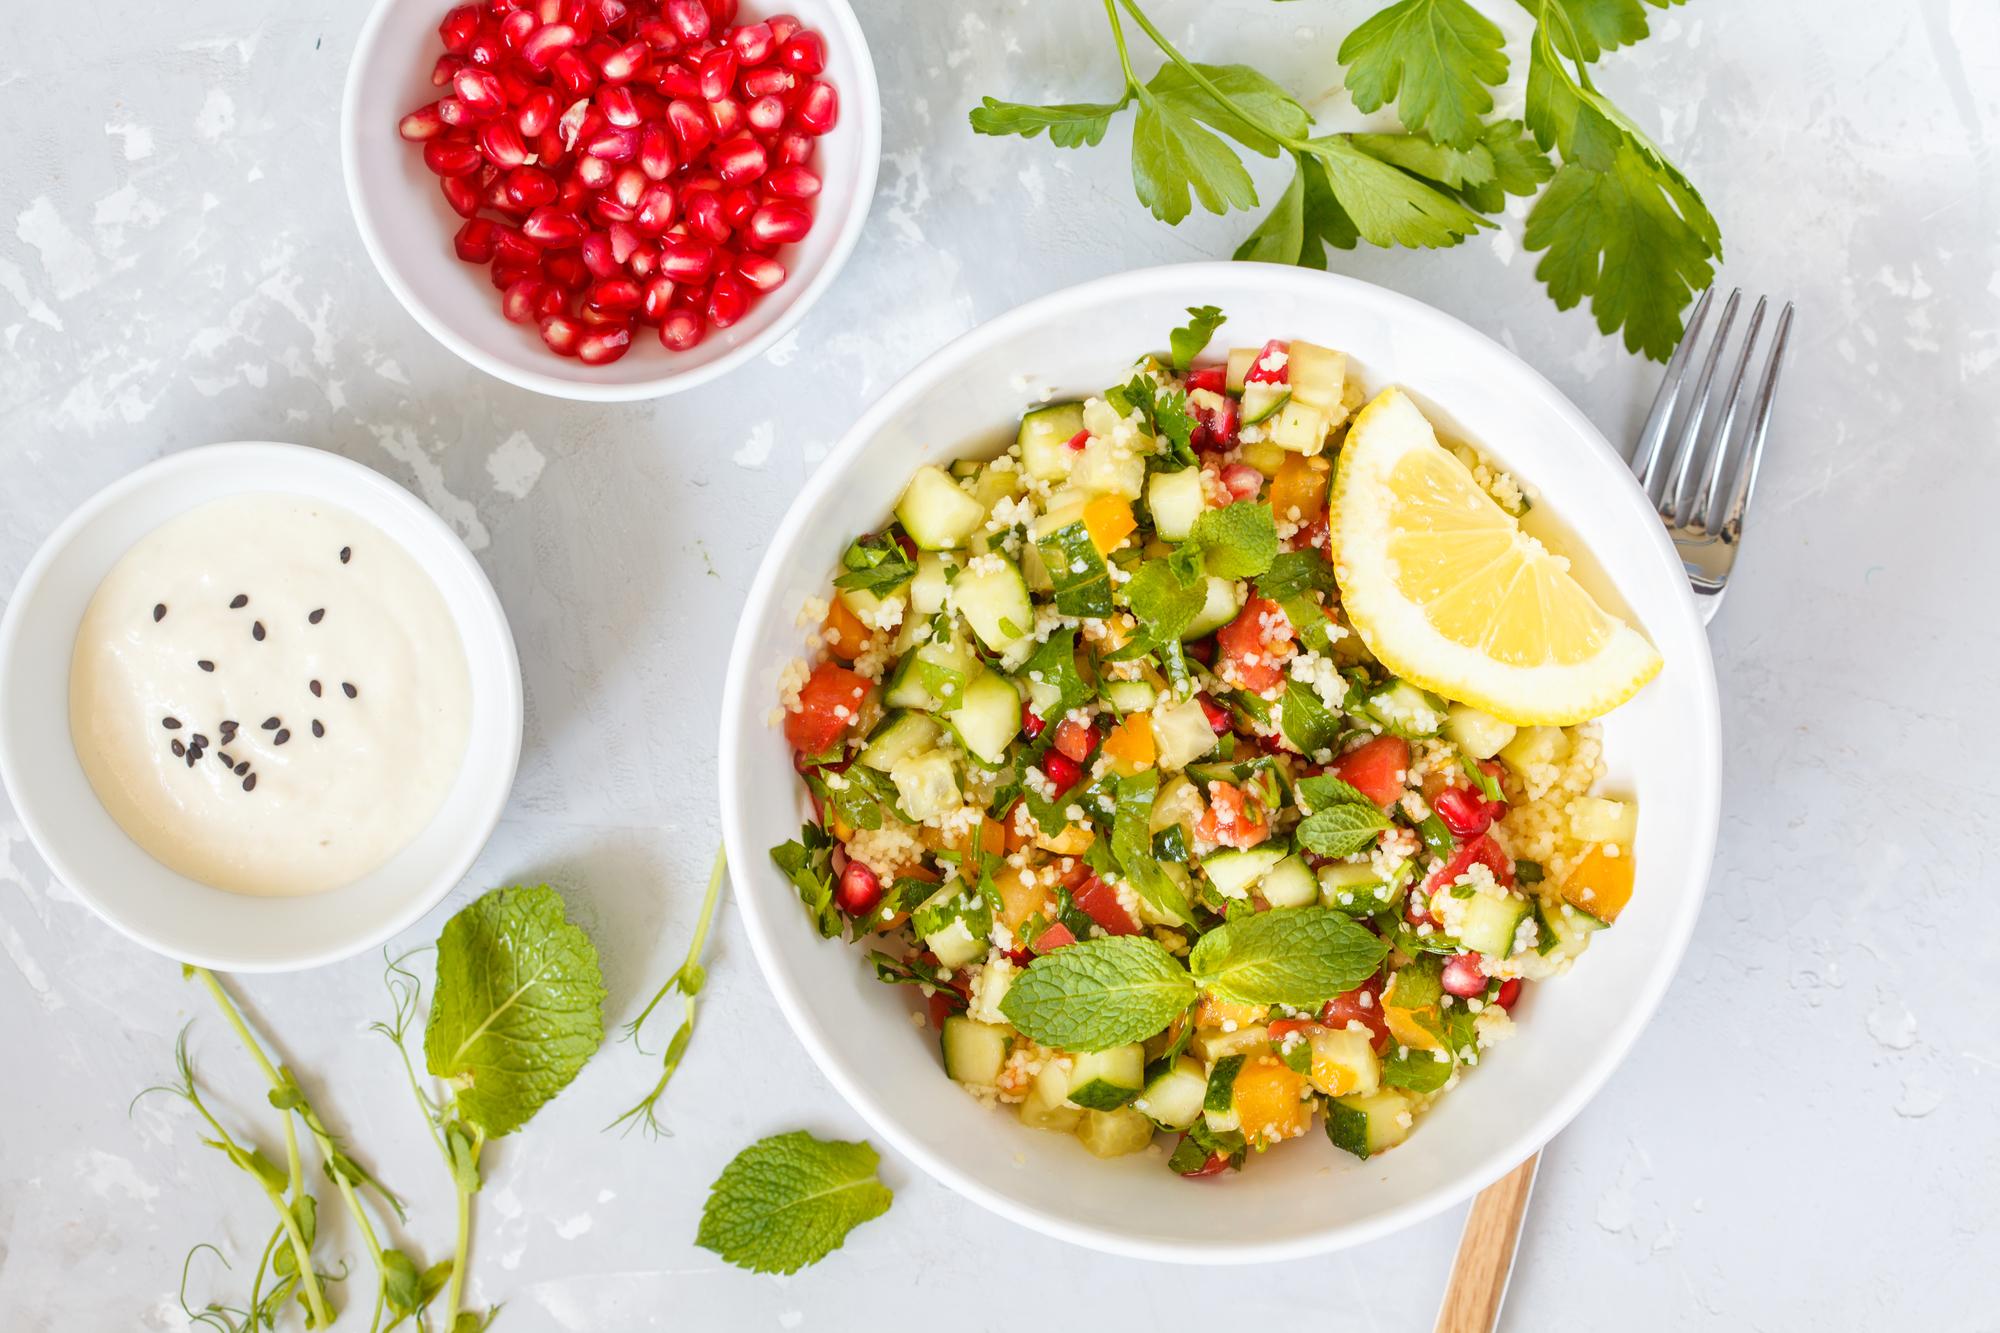 トルコ風サラダ